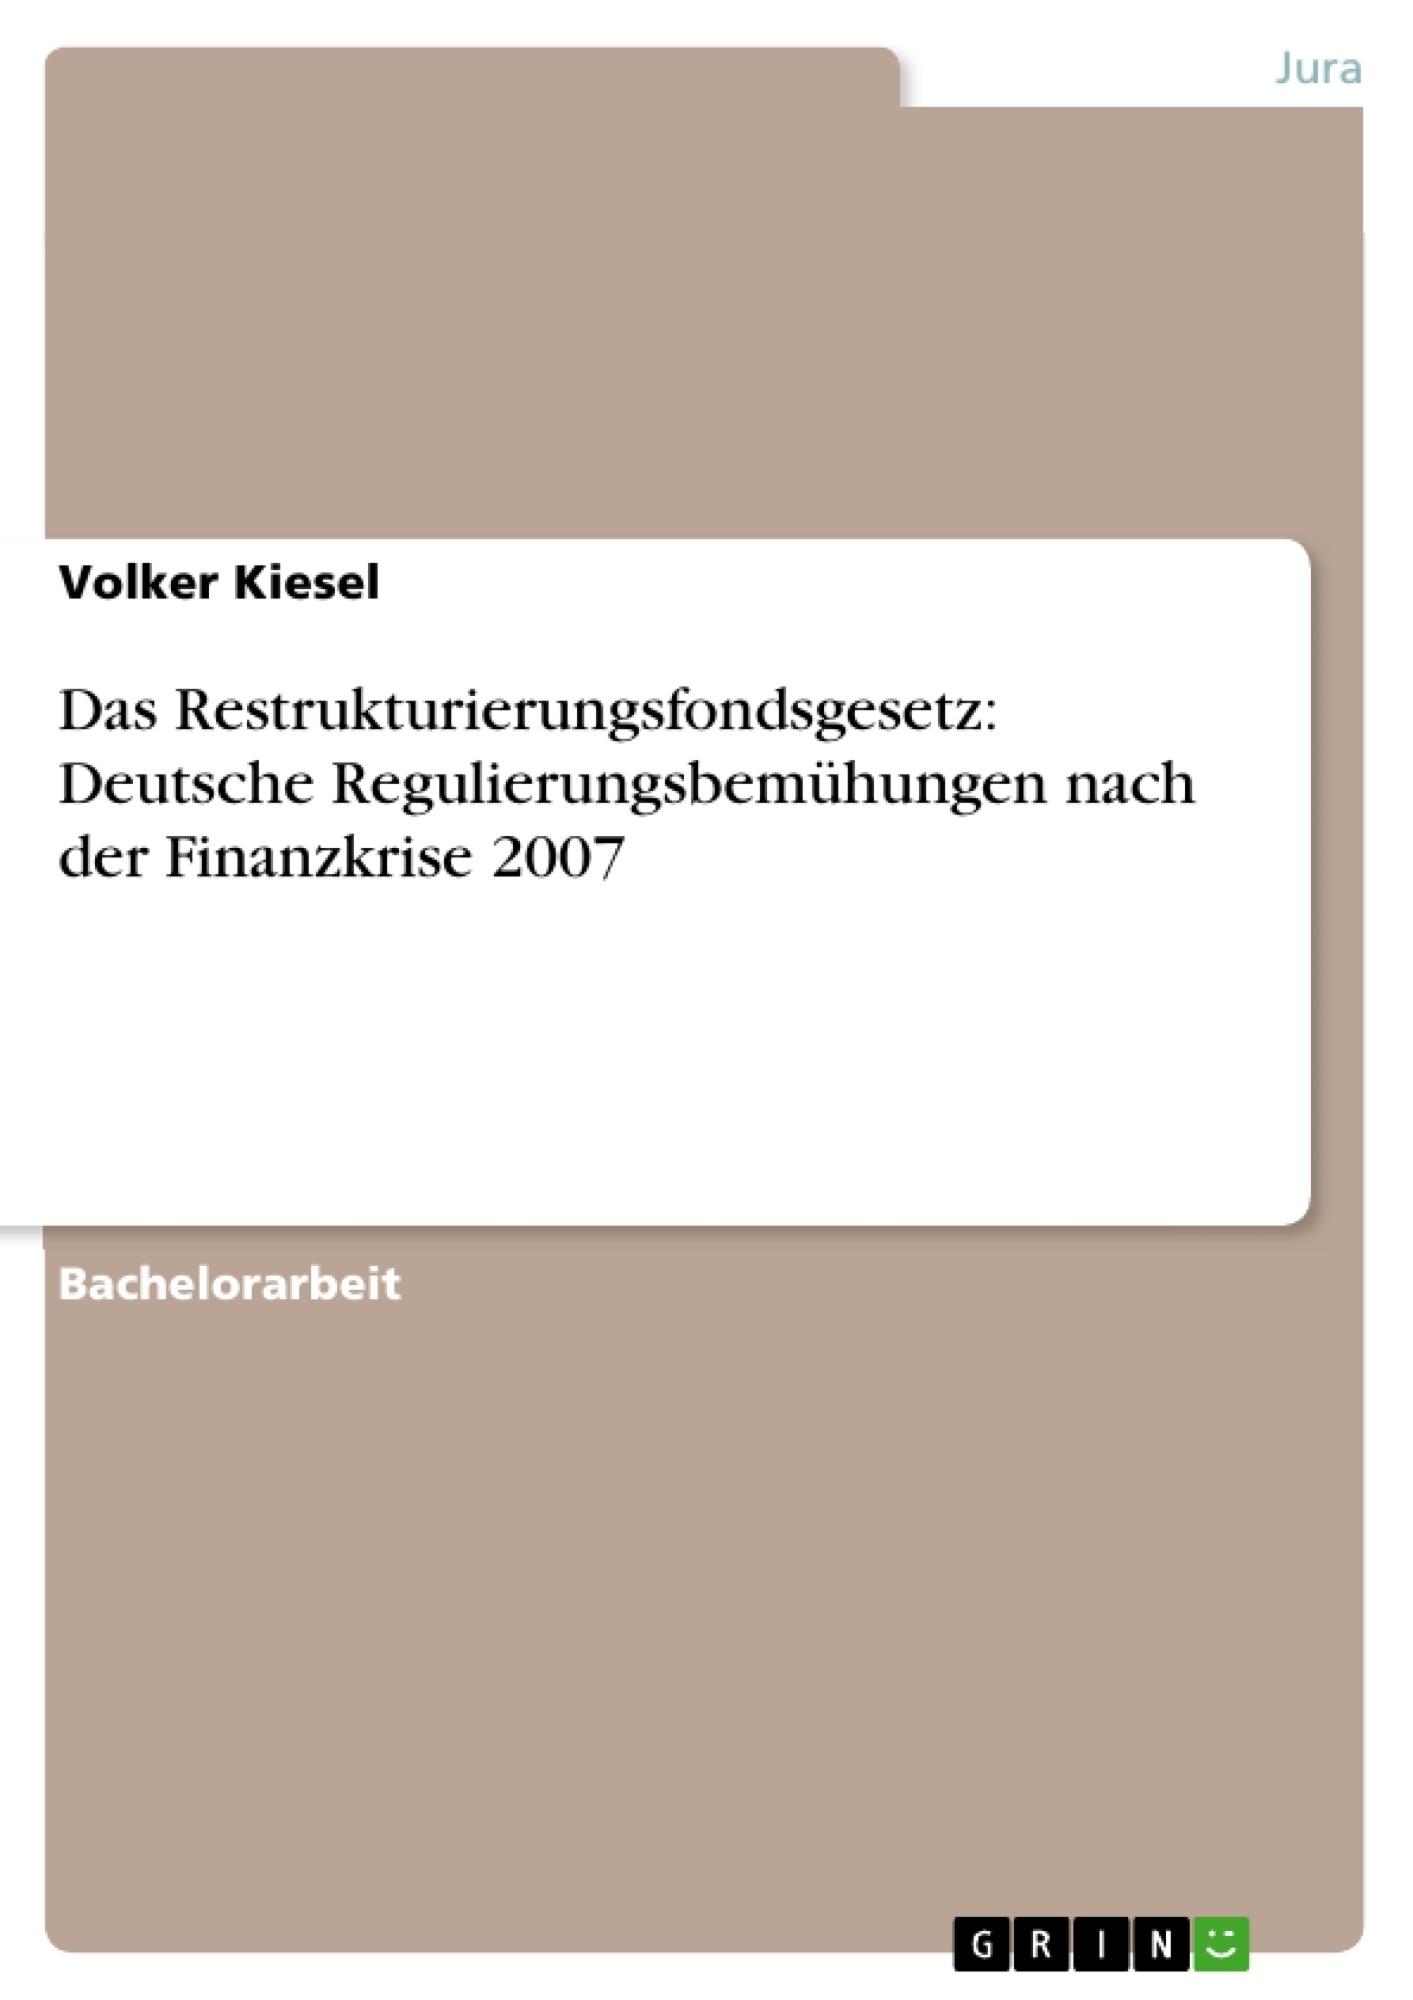 Titel: Das Restrukturierungsfondsgesetz: Deutsche Regulierungsbemühungen nach der Finanzkrise 2007